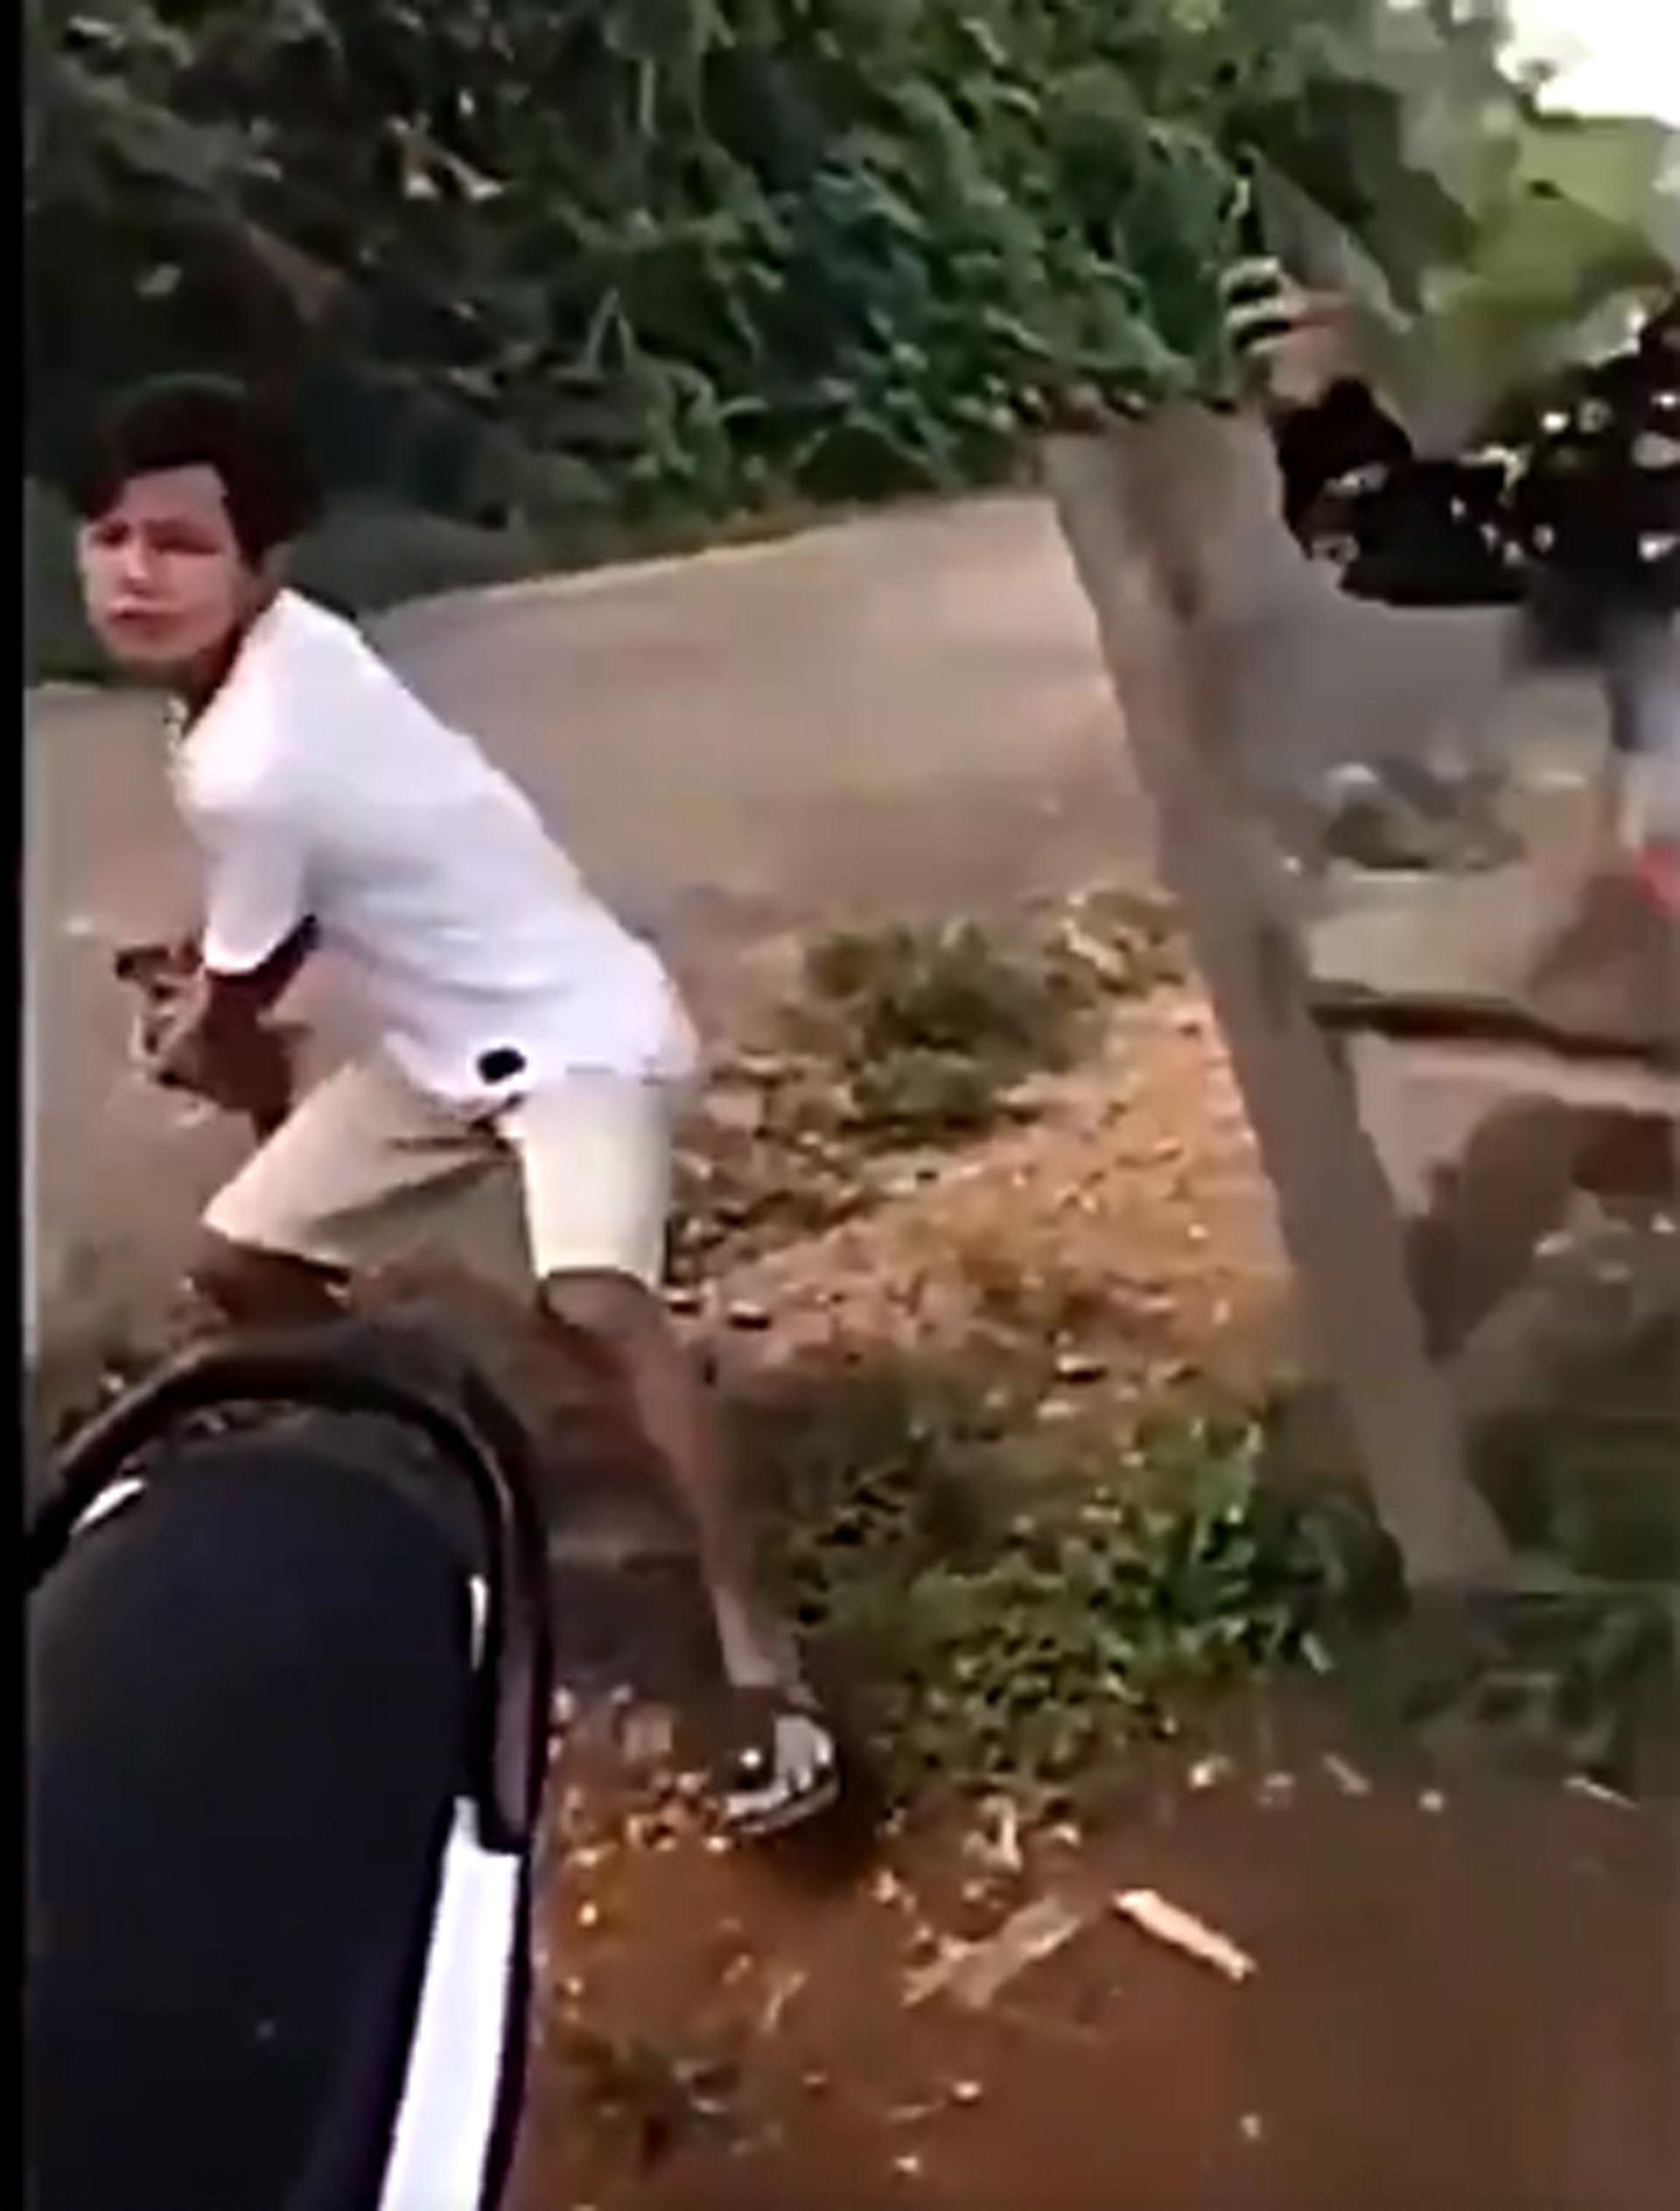 兩少年拍片大笑「懸崖丟貓咪」空中翻轉 一見警察大爆哭